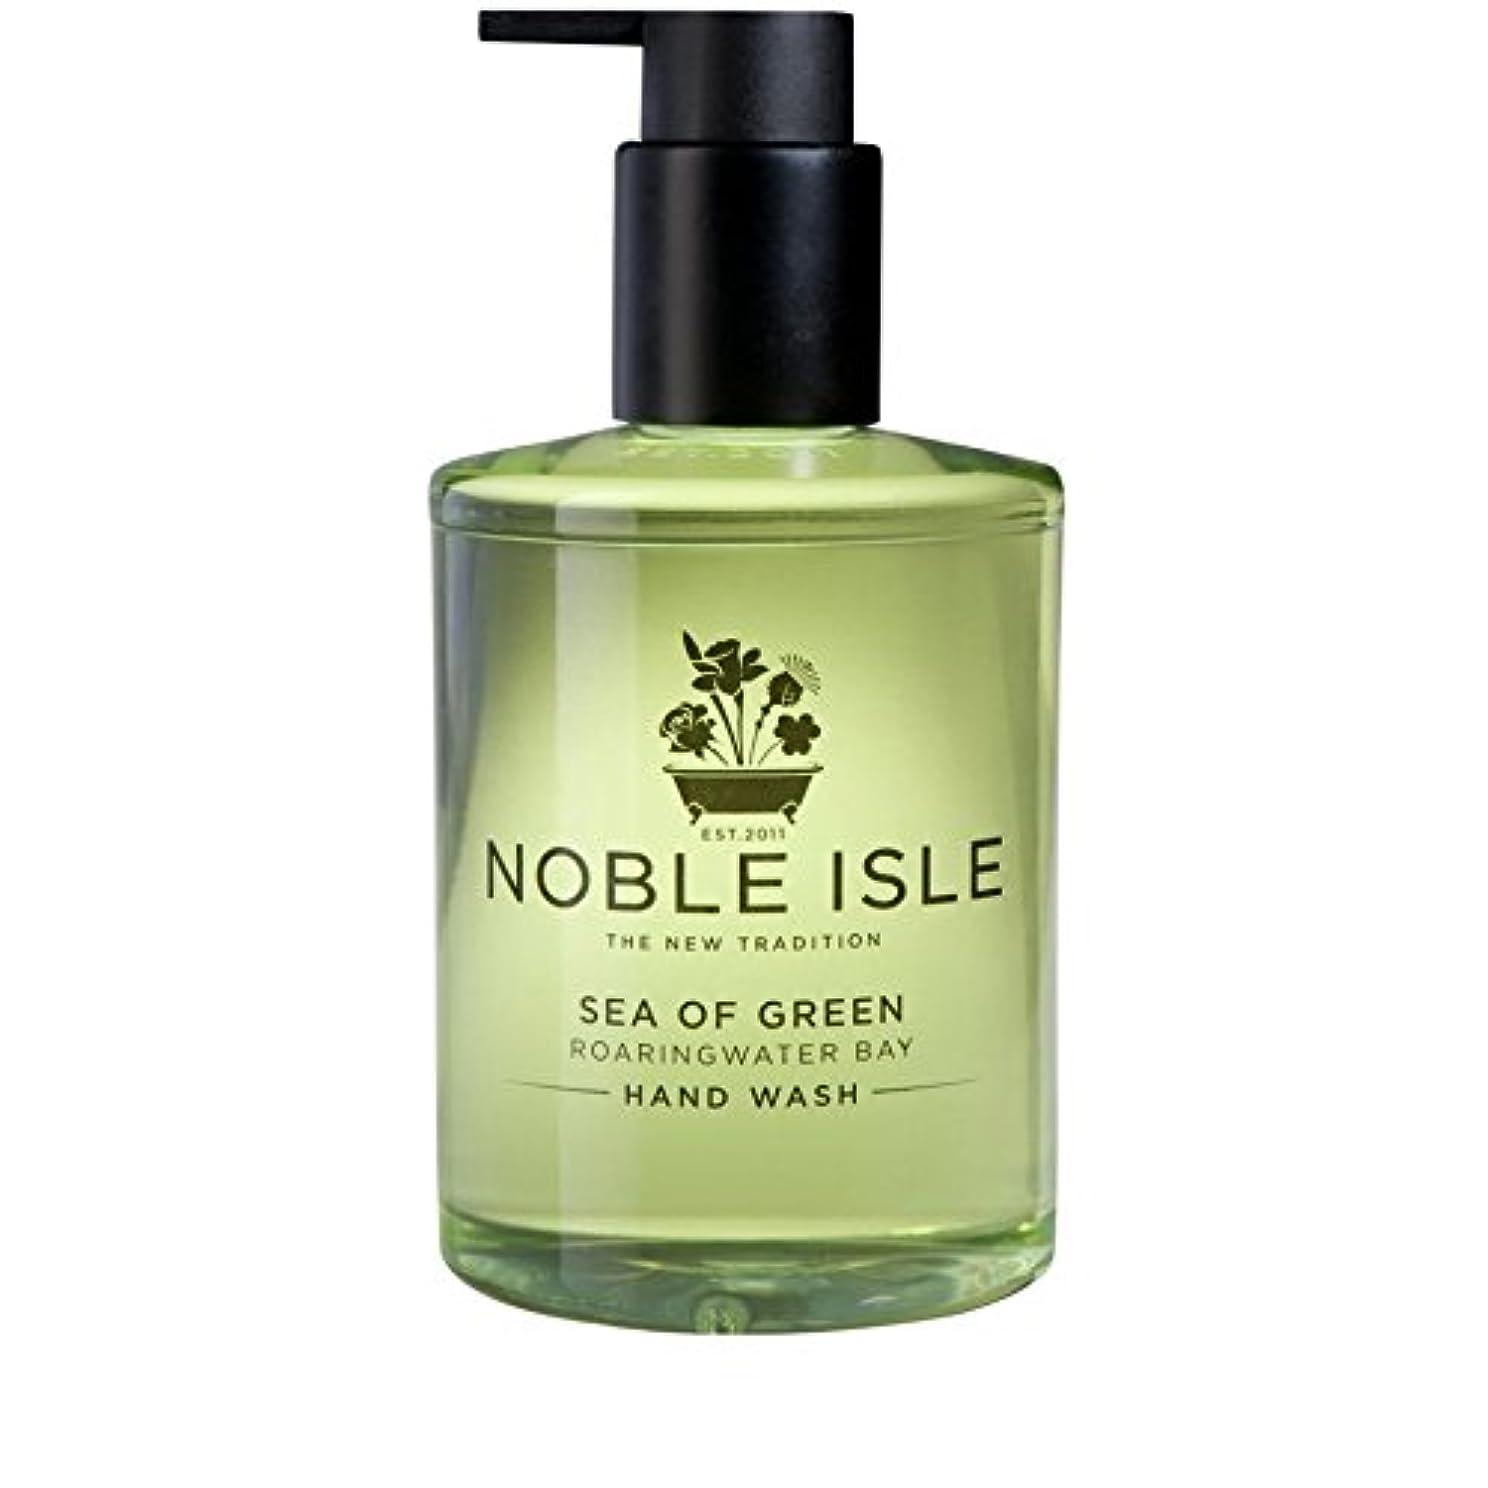 背骨はっきりと避難する緑ベイハンドウォッシュ250ミリリットルの高貴な島の海 x4 - Noble Isle Sea of Green Roaringwater Bay Hand Wash 250ml (Pack of 4) [並行輸入品]